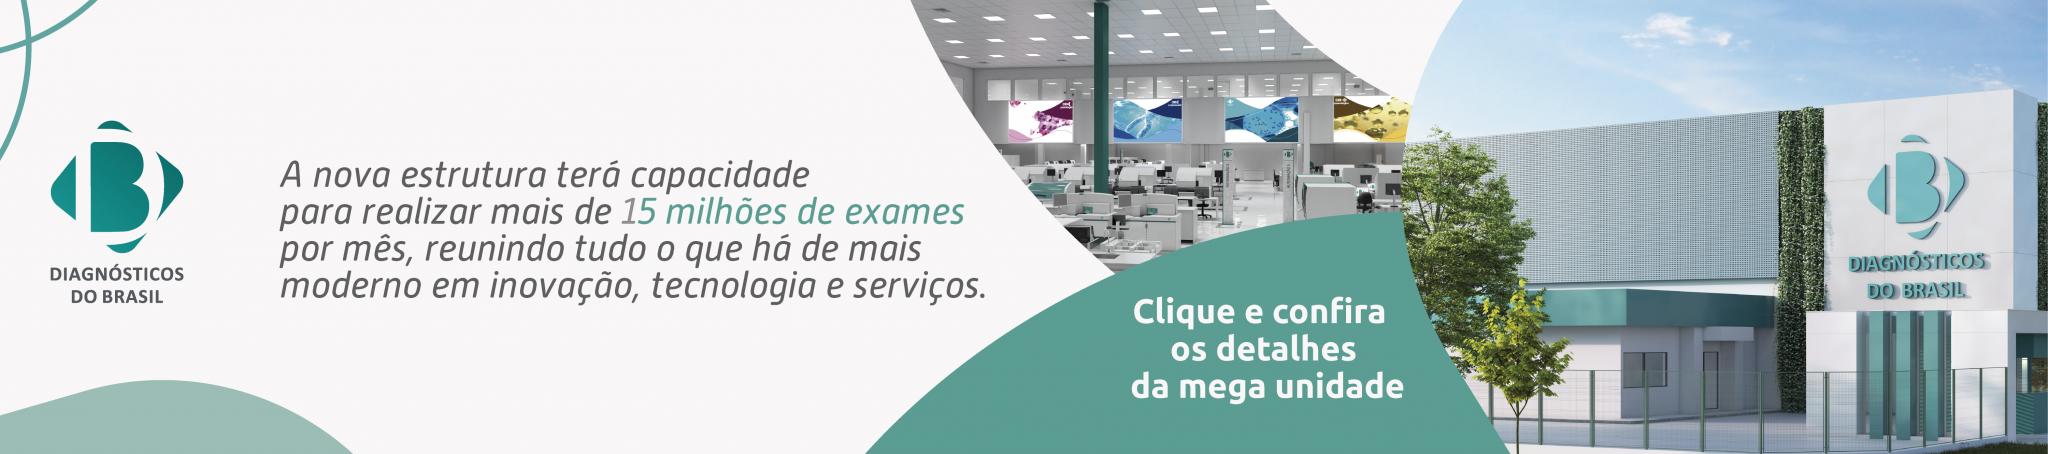 Nova mega unidade do Diagnósticos do Brasil